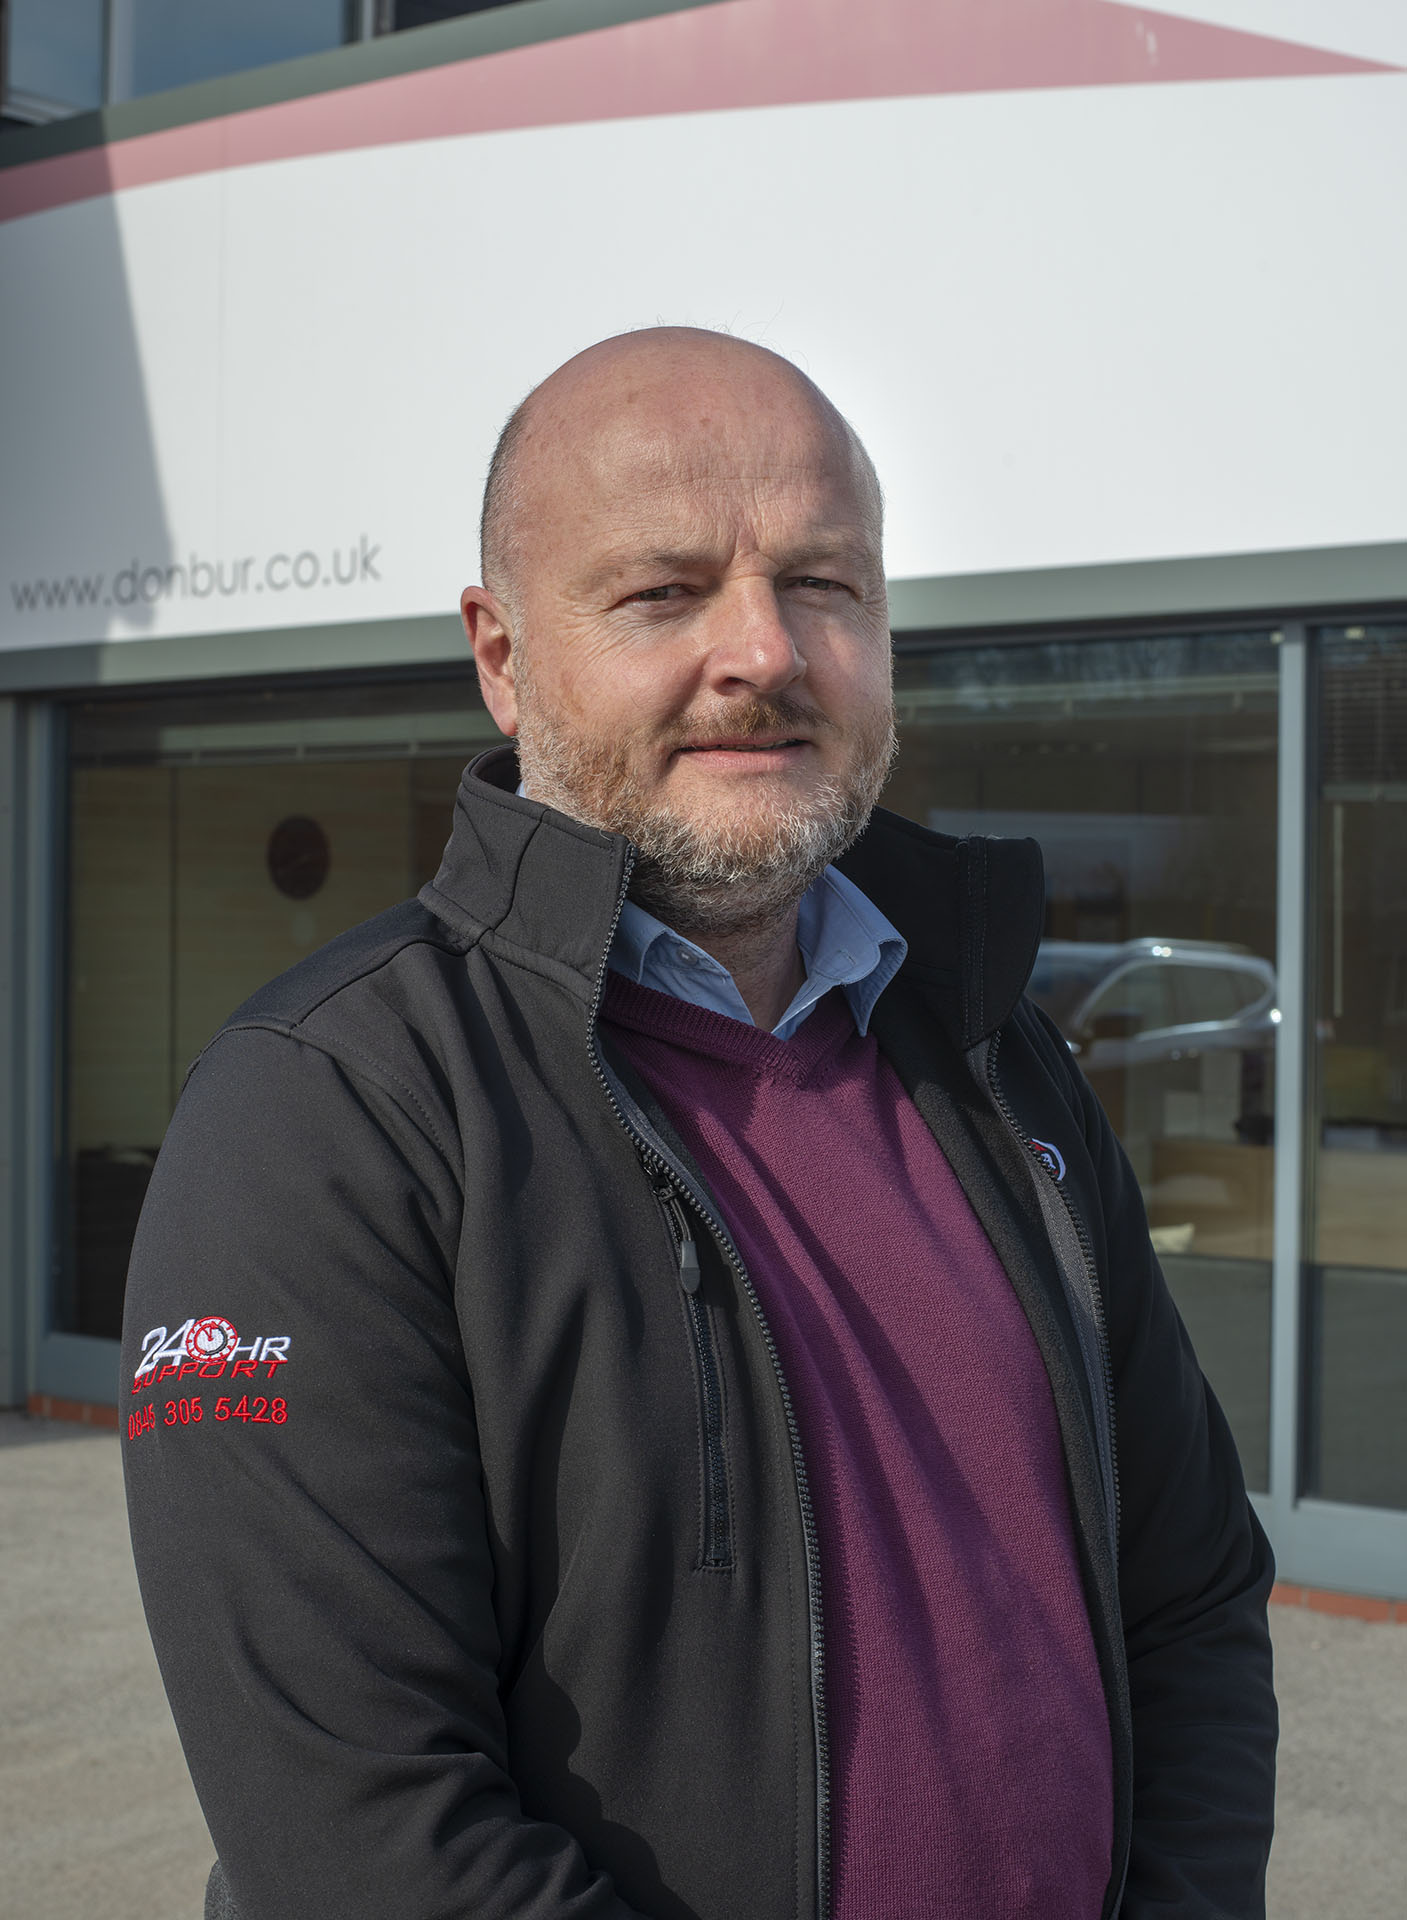 Ian Bolton